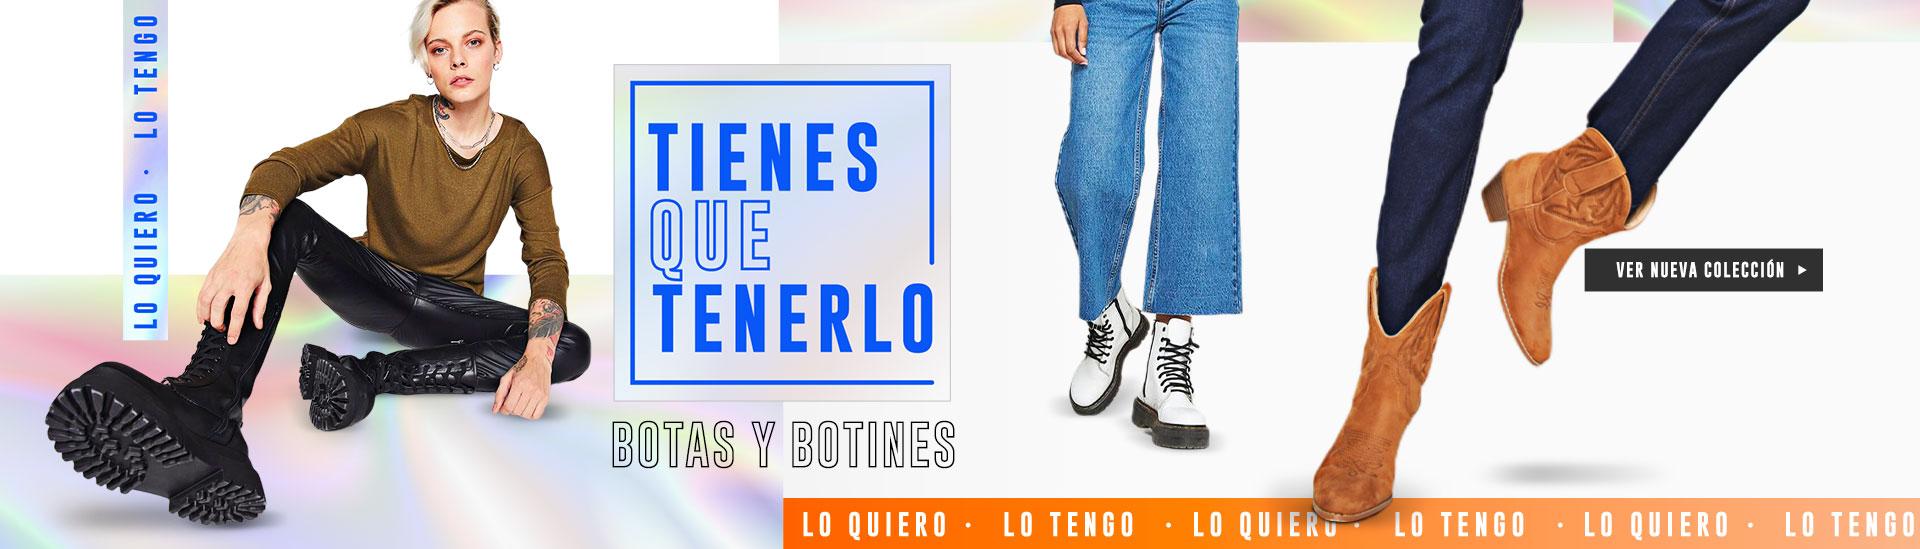 TIENES QUE TENERLO BOTAS Y BOTINES